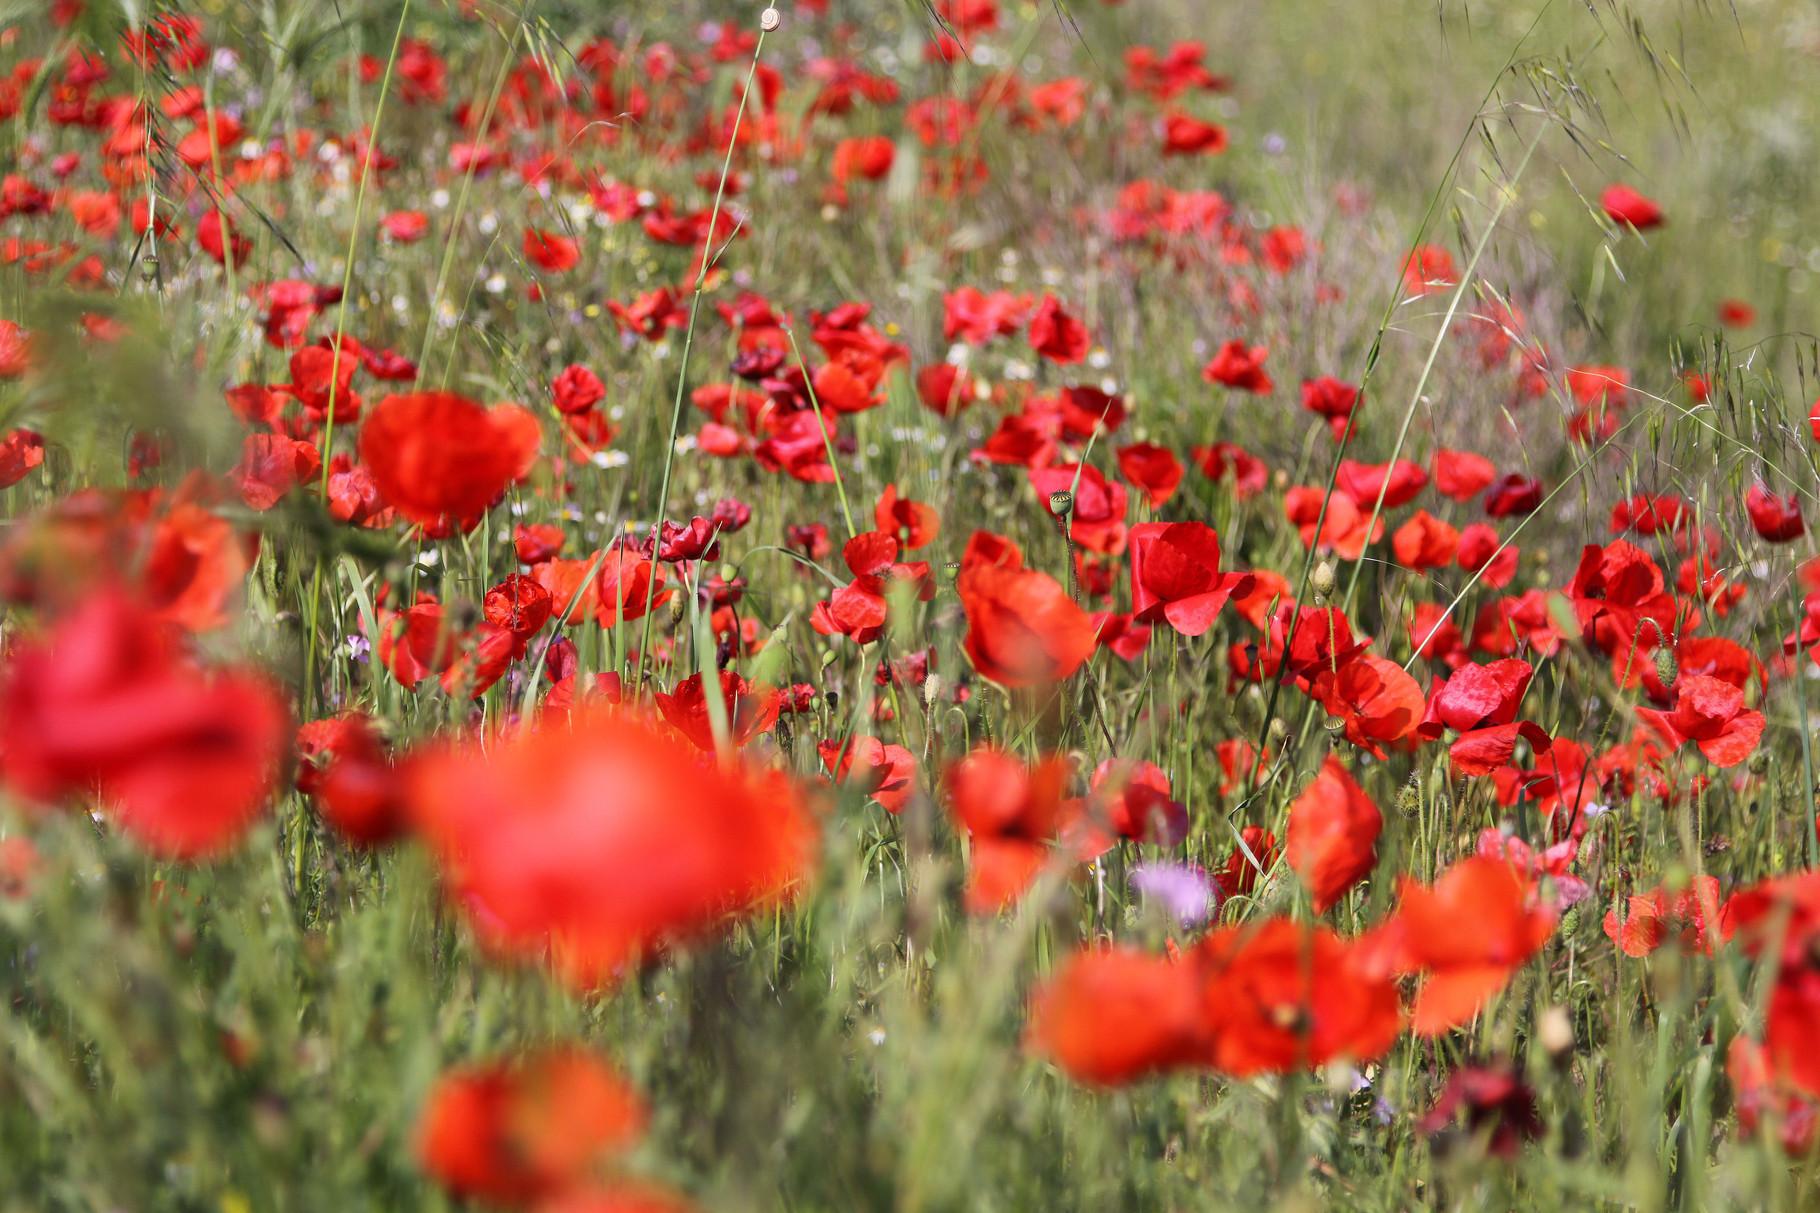 Blütenpracht bei Paläokastro unweit der bulgarischen Grenze